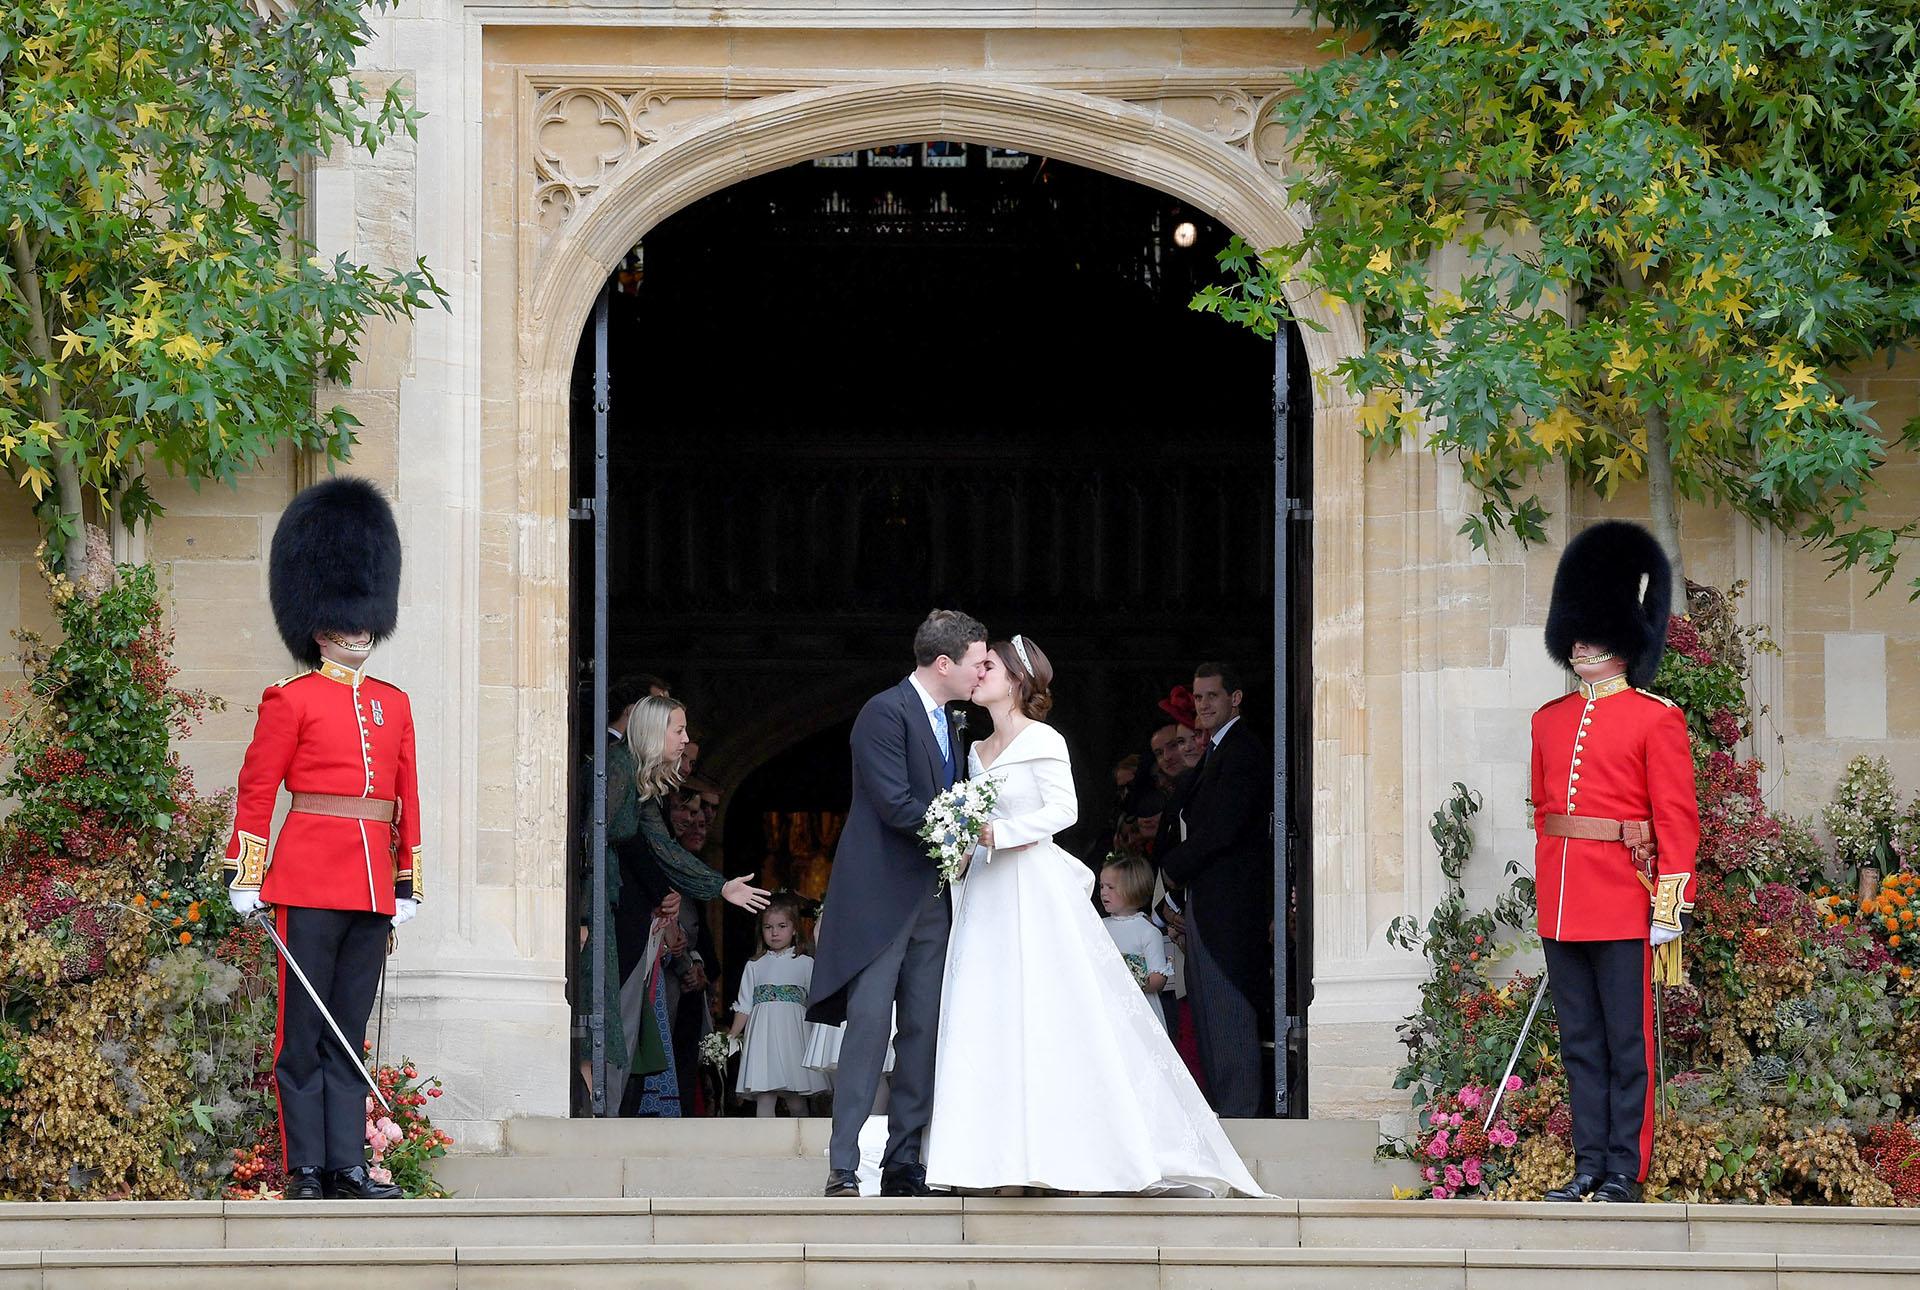 El beso entre la princesa Eugenie y Jack Brooksbank